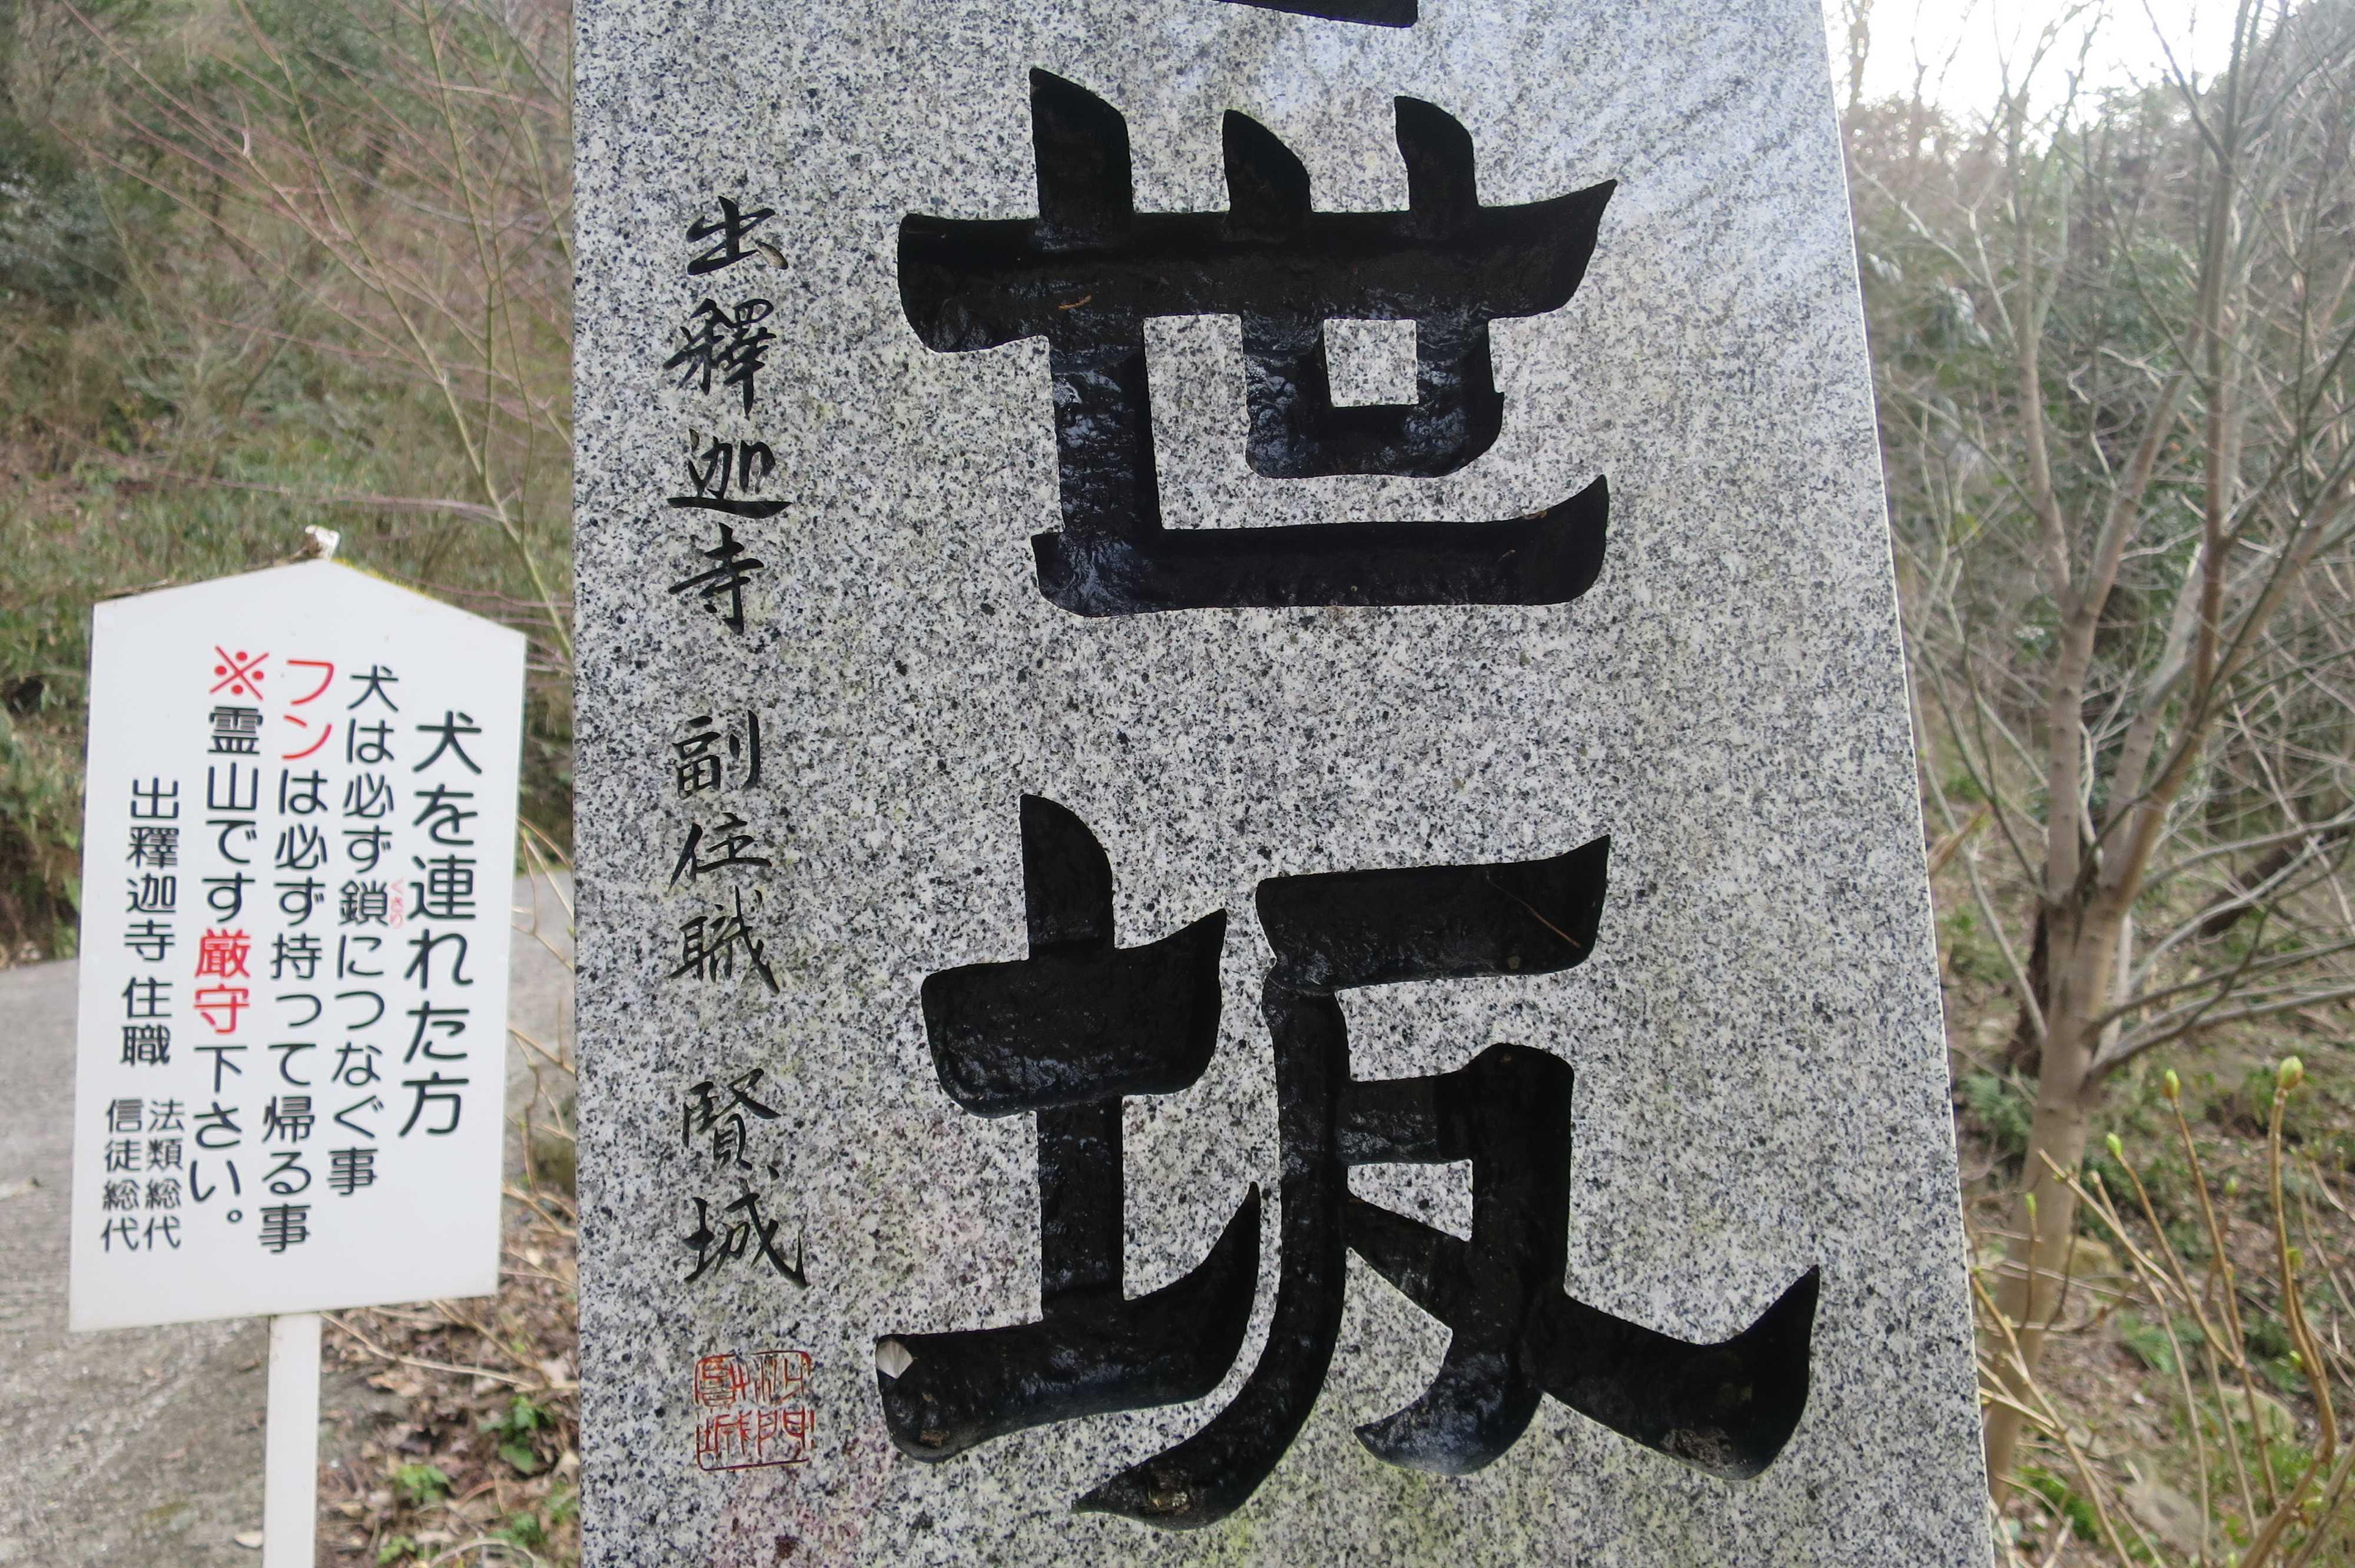 世坂 出釈迦寺 副住職 賢城 - 奥の院捨身ヶ嶽禅定